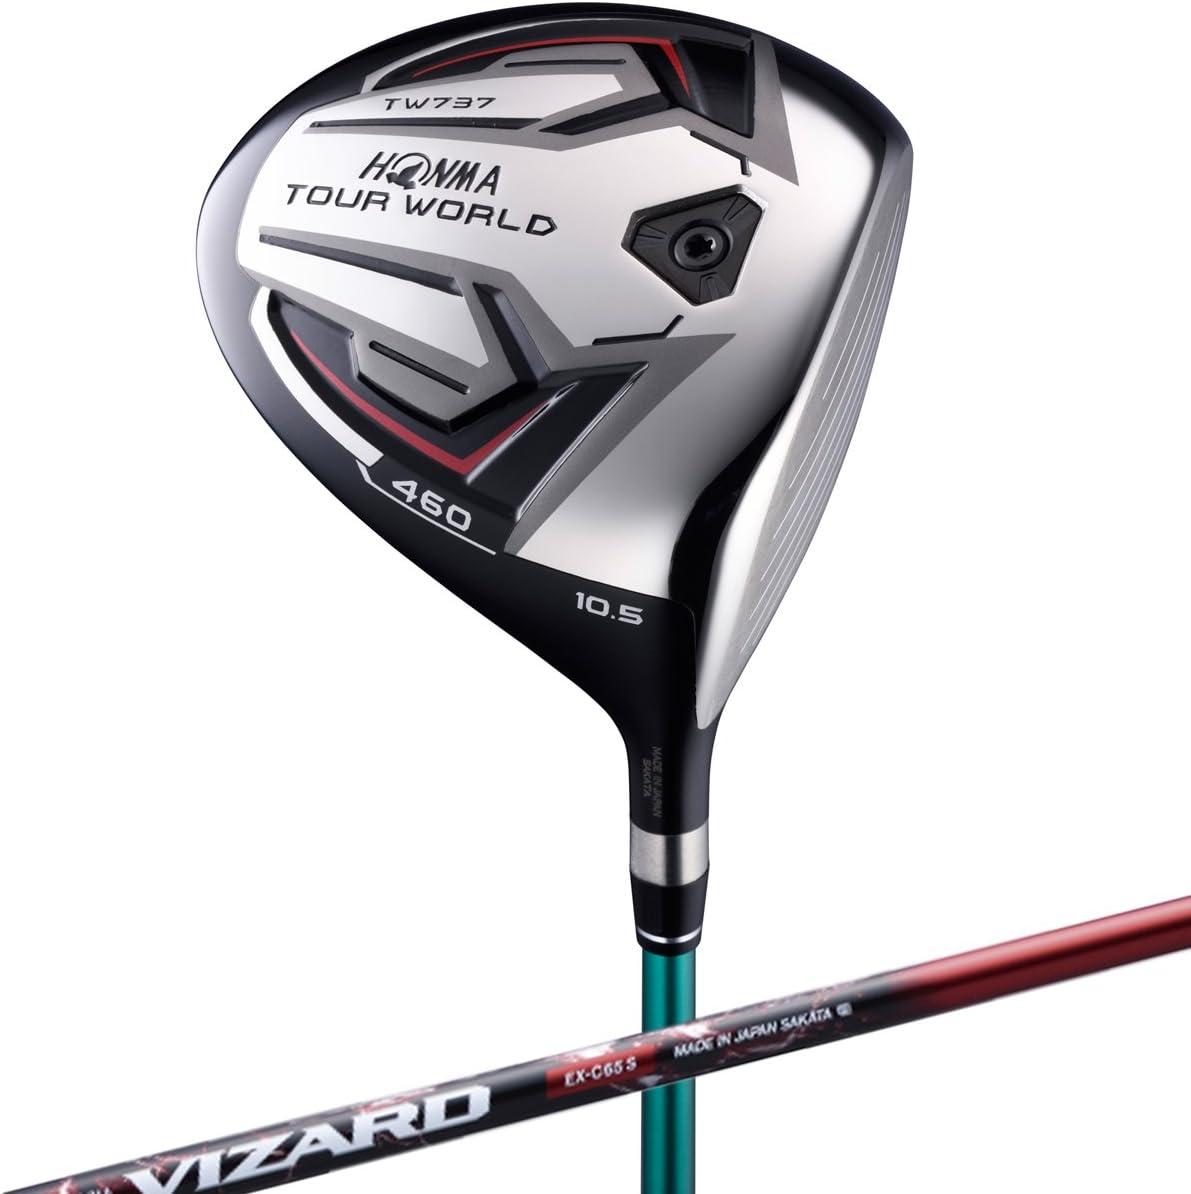 本間ゴルフ ドライバー TOUR WORLD ツアーワールド TW737 460 ドライバー 9.5度 VIZARD EX-C 65シャフト フレックス:S TW737-460 右 ロフト角:9.5度 番手:1W